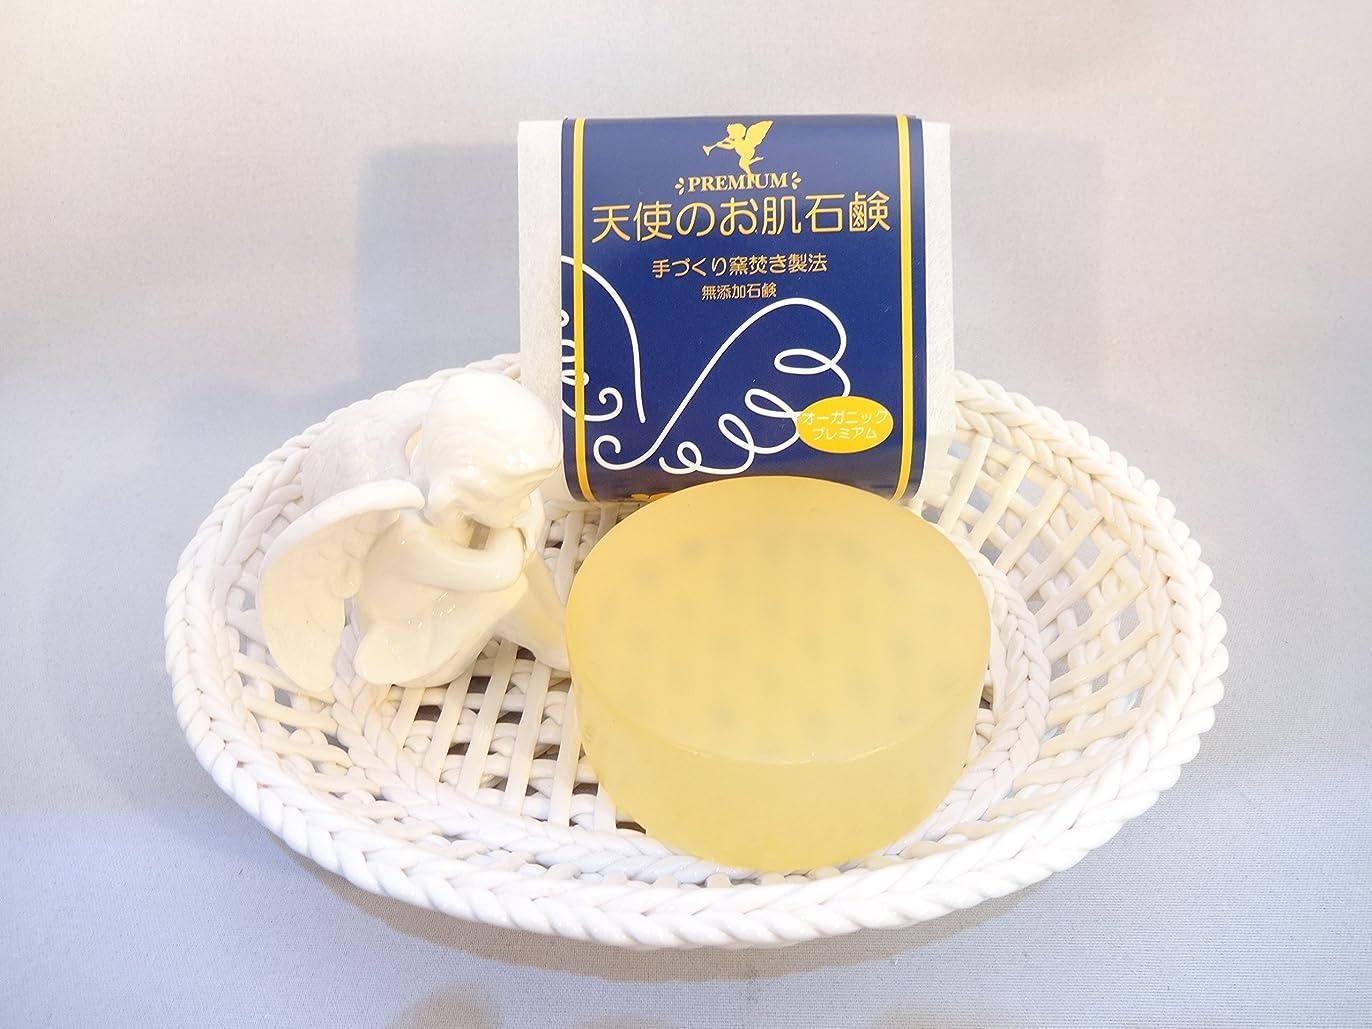 グラマーゴールふける天使のお肌石鹸 「オーガニックプレミアム」 100g